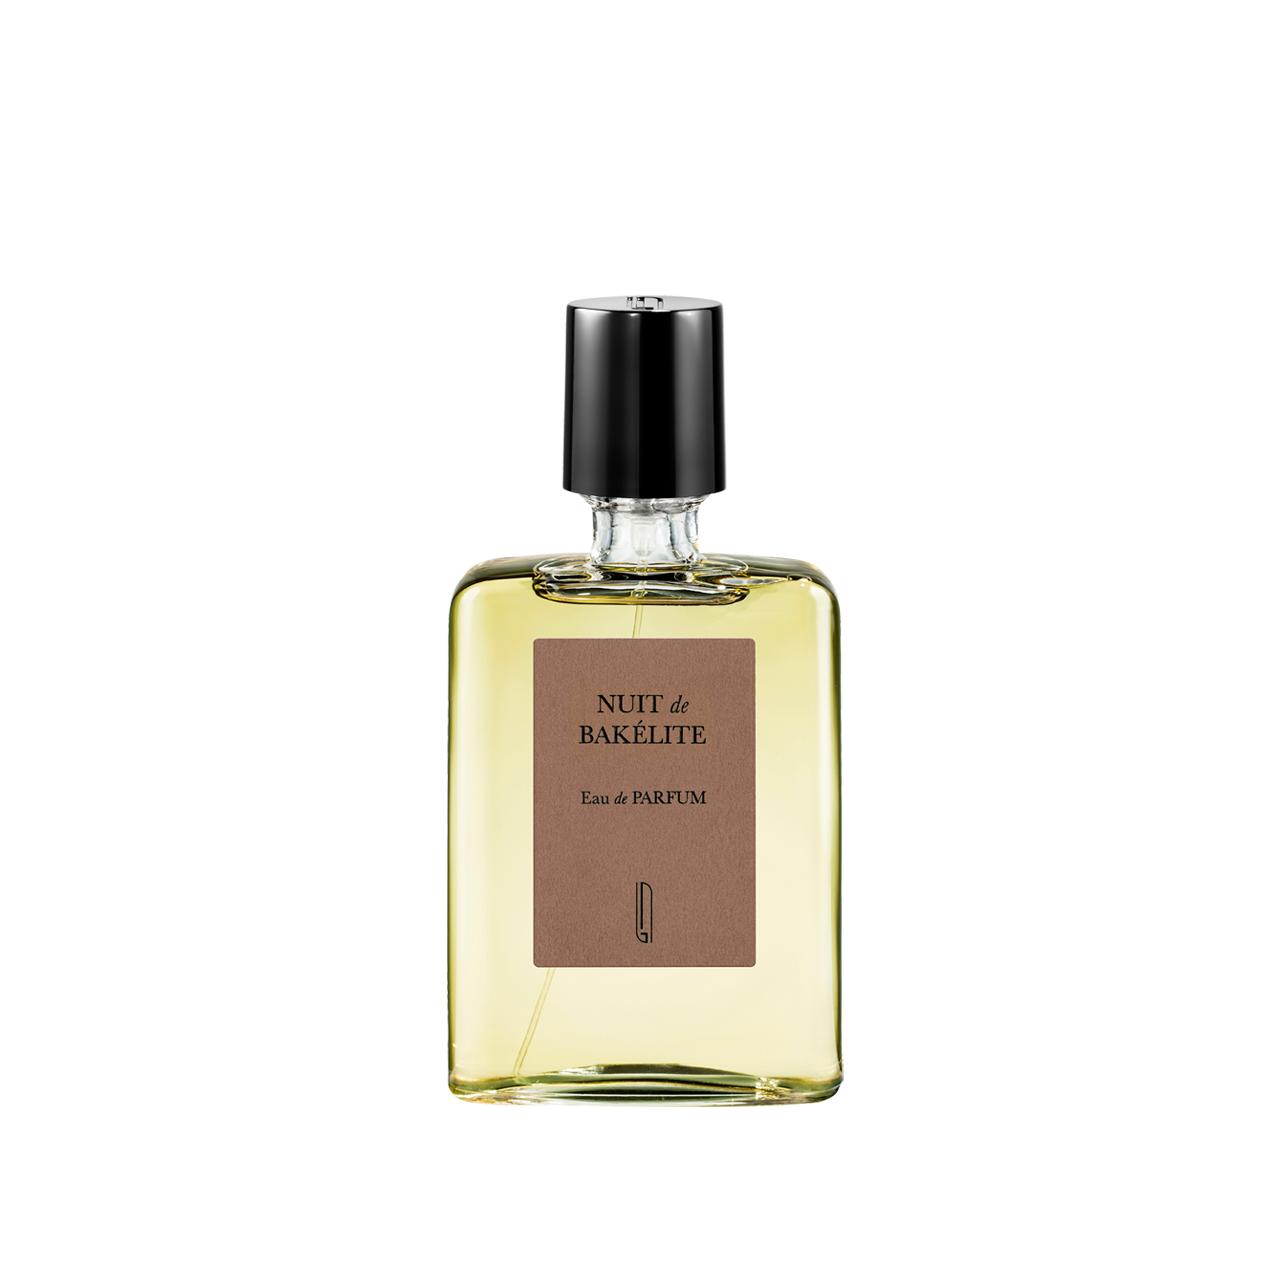 NUIT DE BAKELITE - Eau de Parfum